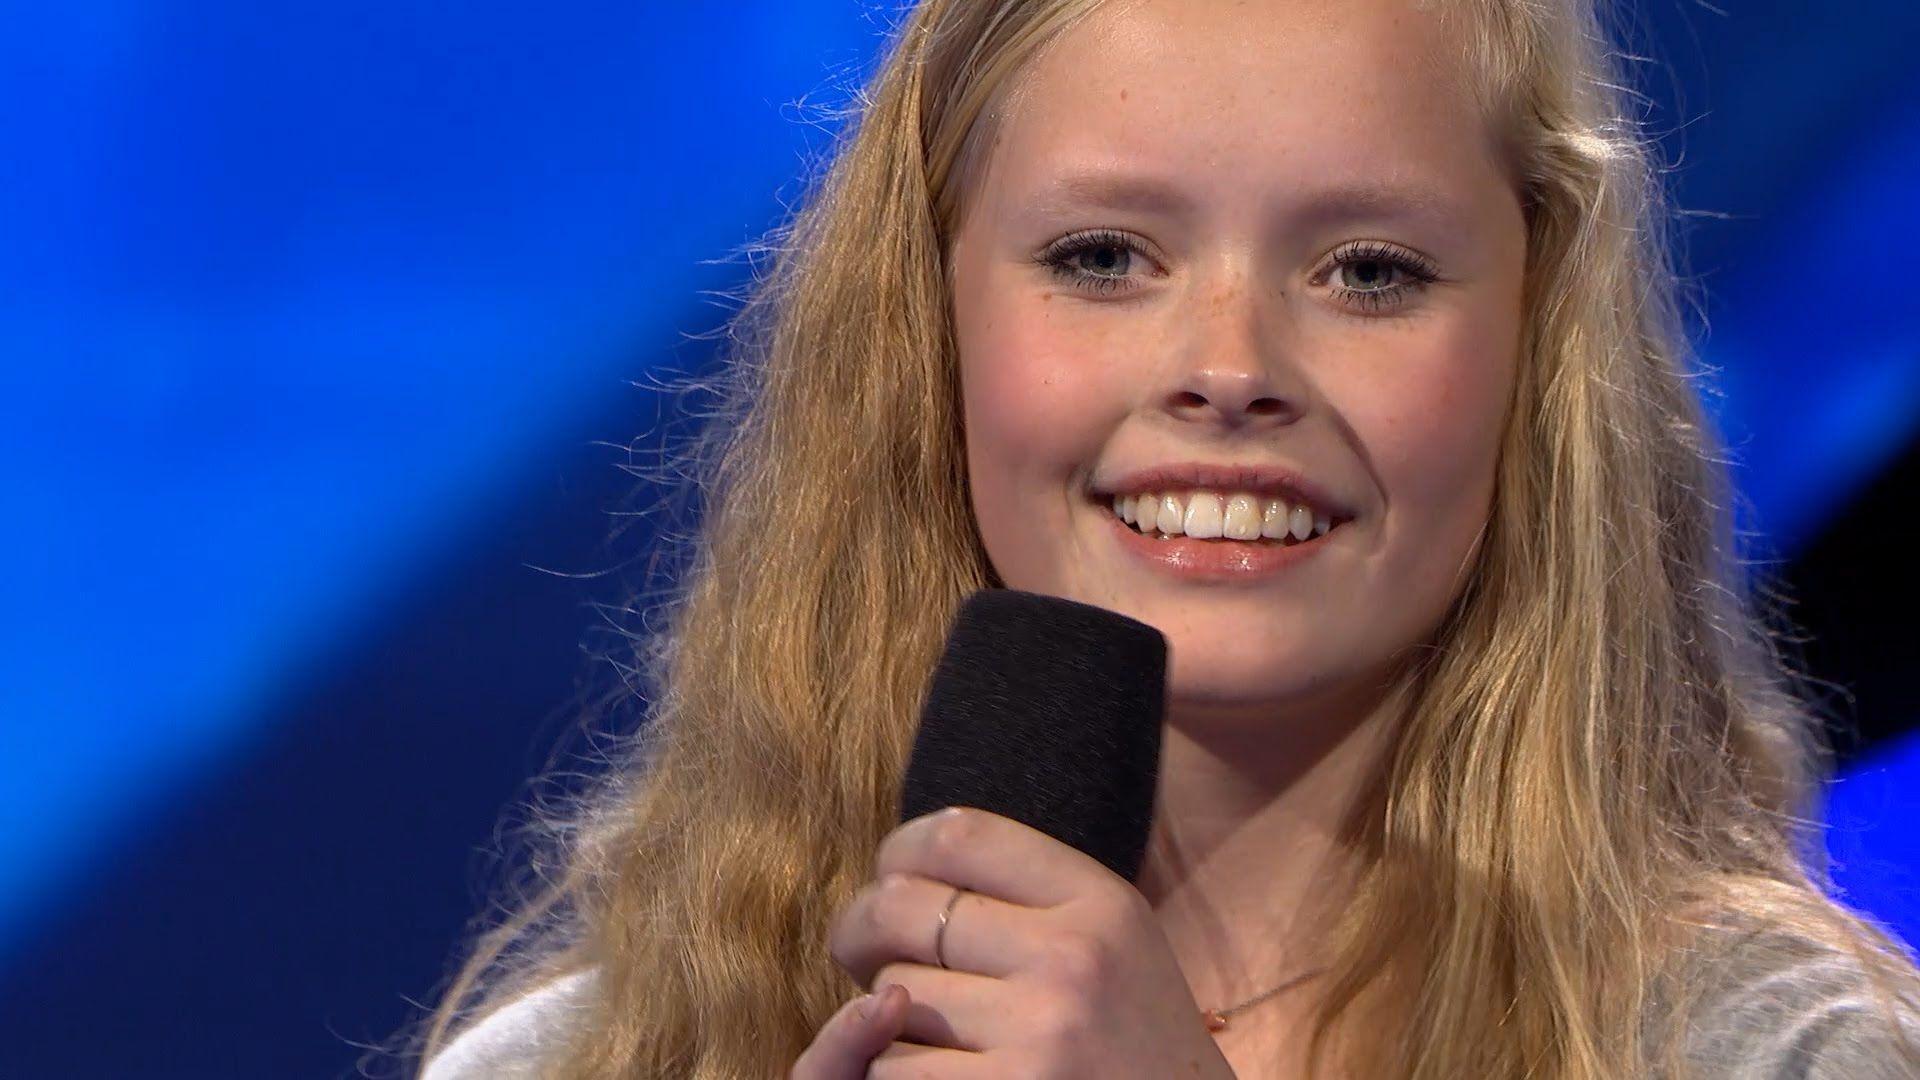 Publikum elsker 15-årige Emilie i 5 Chair Challenge - X FACTOR 2015 - DR1